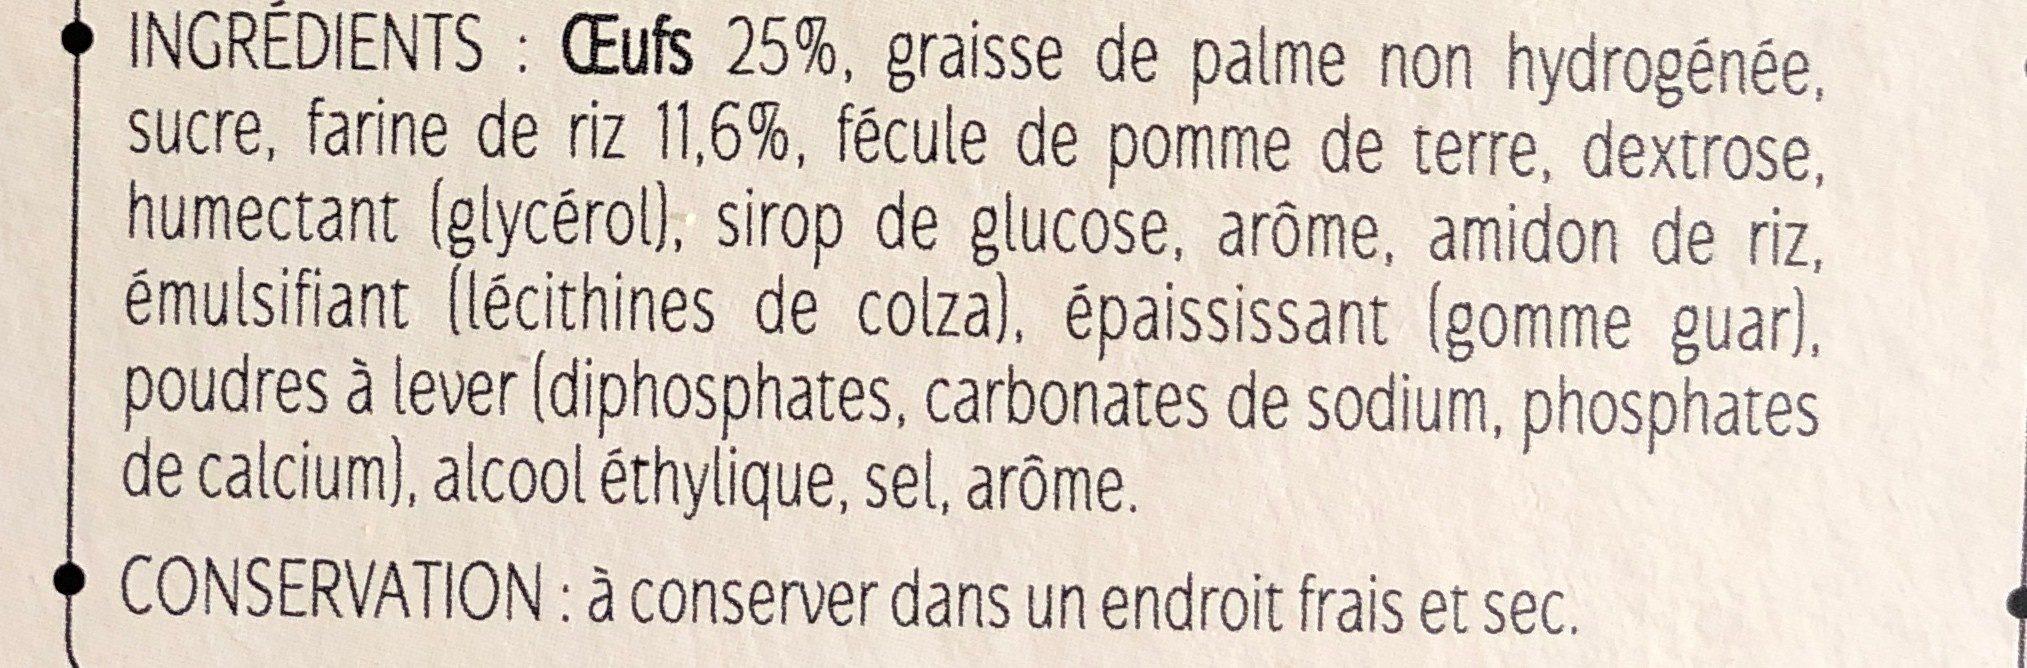 Madeleines type sans gluten - Ingrédients - fr